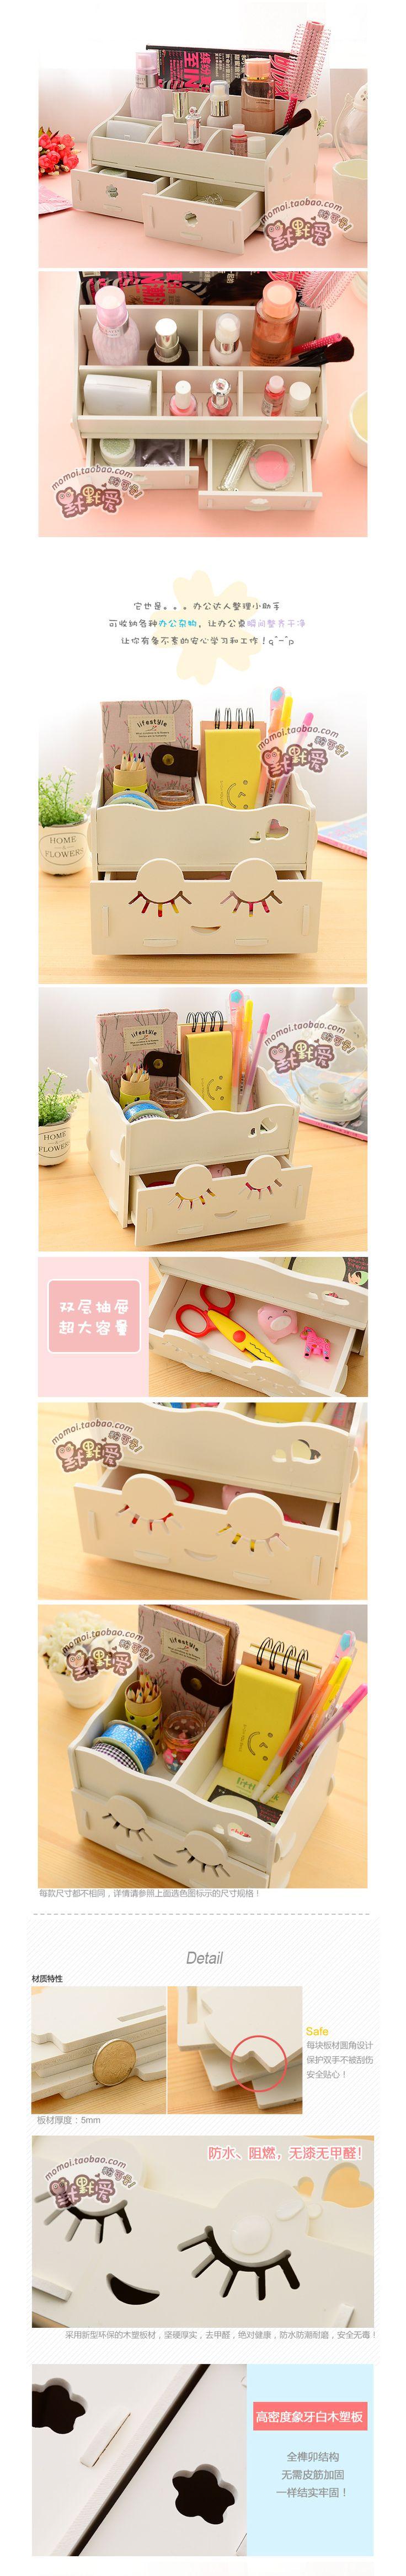 Escritorio en casa de madera DIY caja de almacenamiento para maquillaje cosméticos organizador de escritorio gabinetes con cajones en Cajas y Papeleras de Almacenamiento de Casa y Jardín en AliExpress.com | Alibaba Group